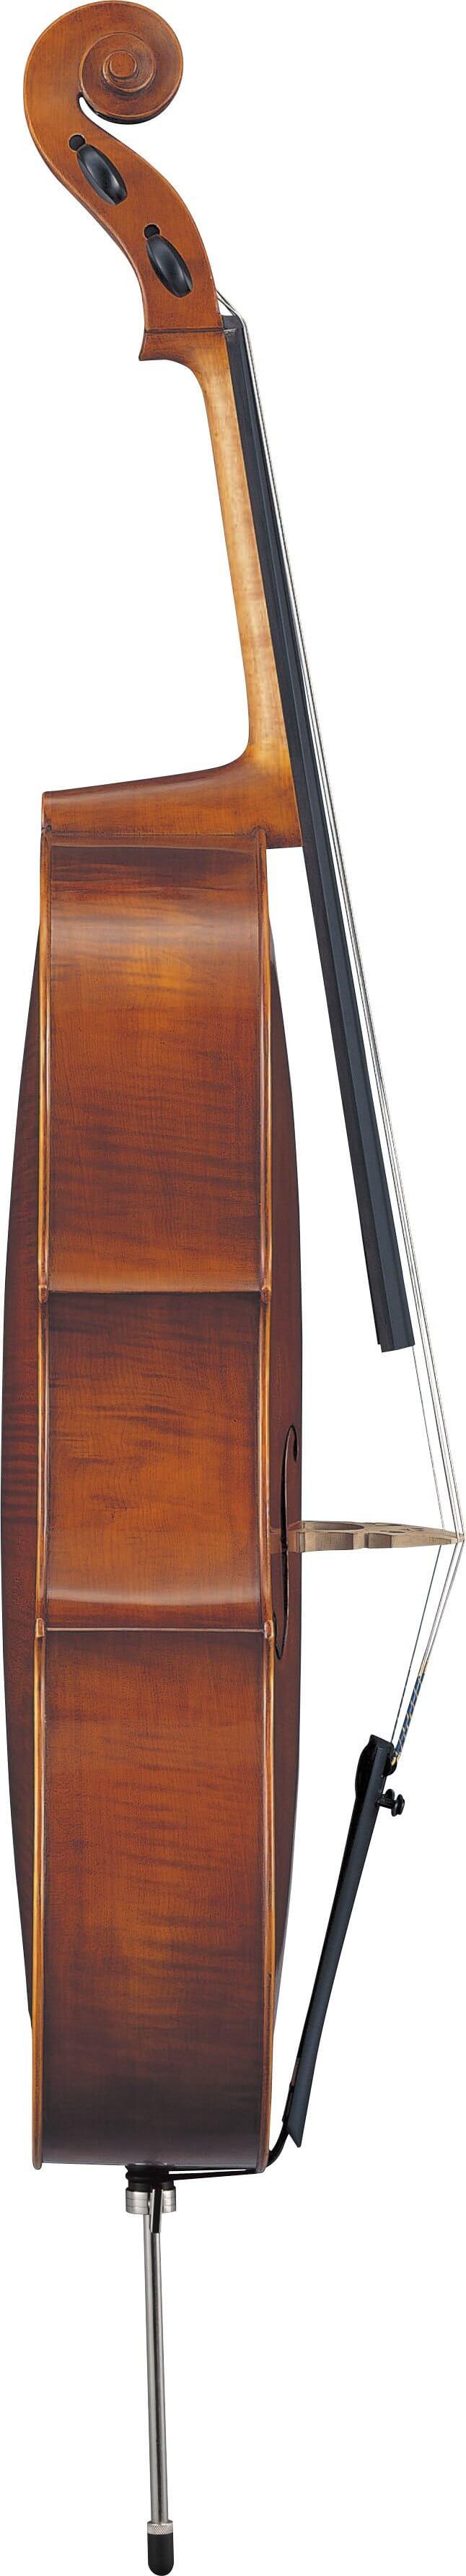 Violoncello Yamaha V7SG 4/4